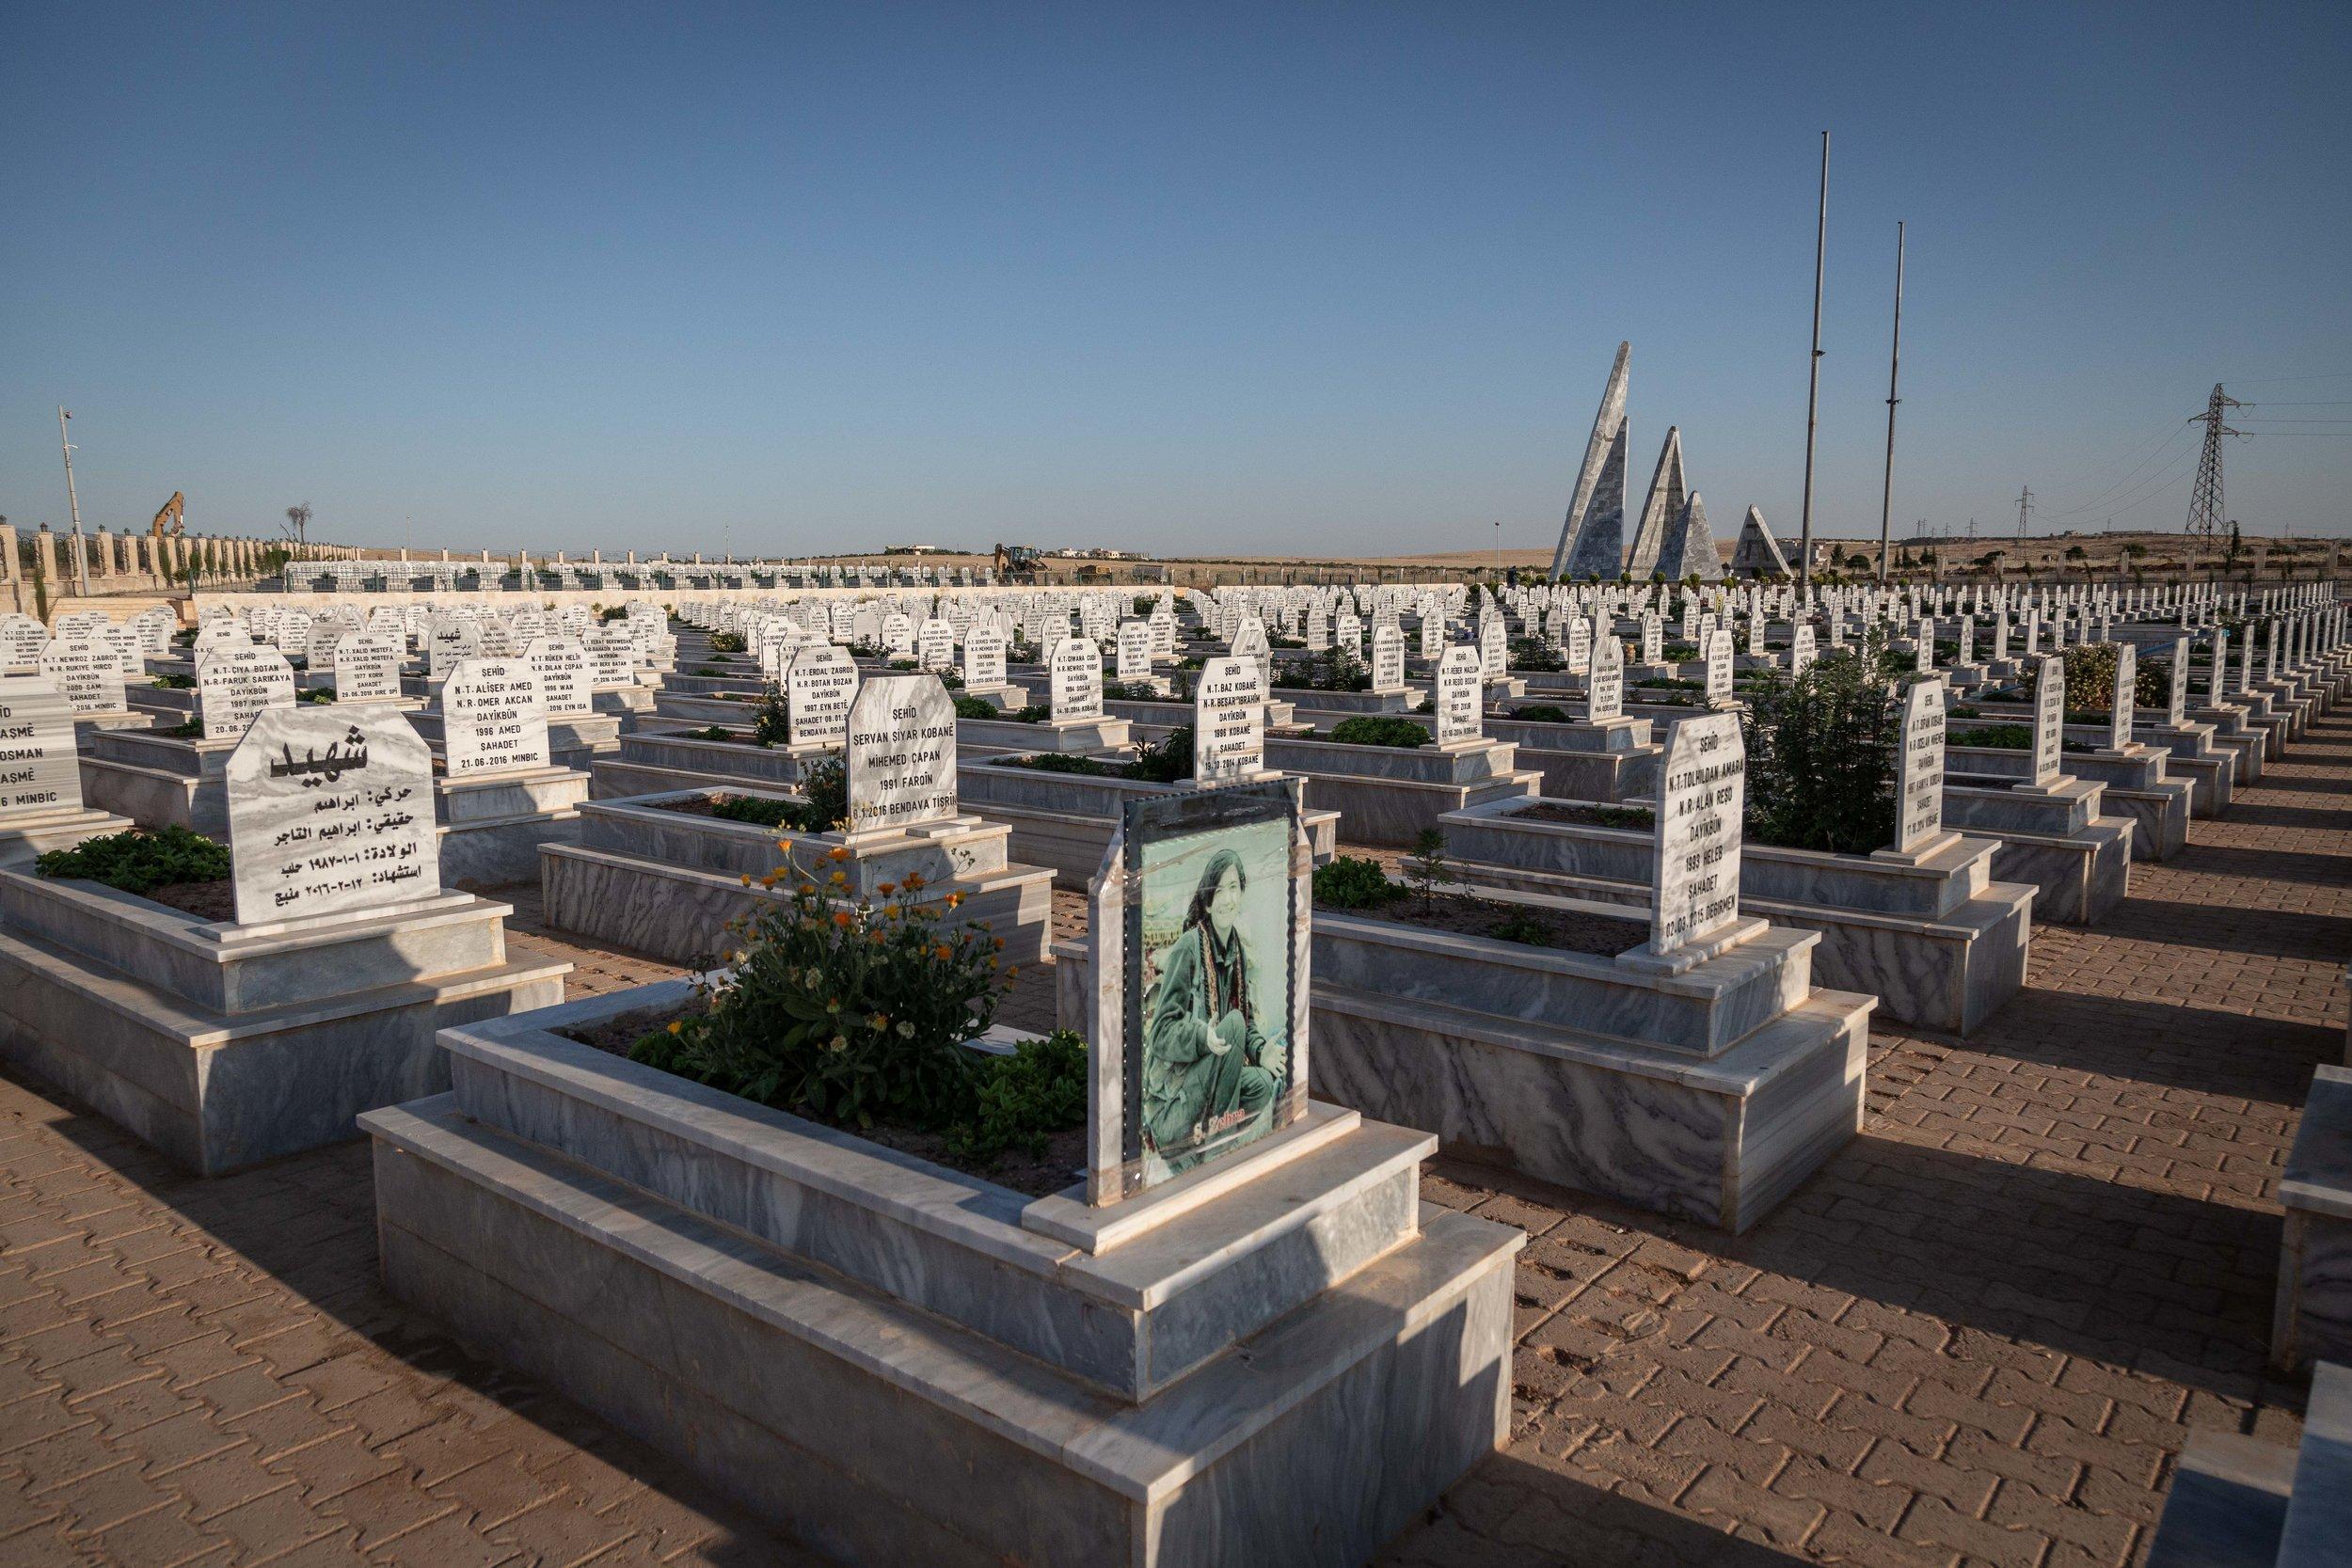 28/05/19, Kobane, Syria - The memorial for the Kurdish fighters fallen in the fight for Kobane.